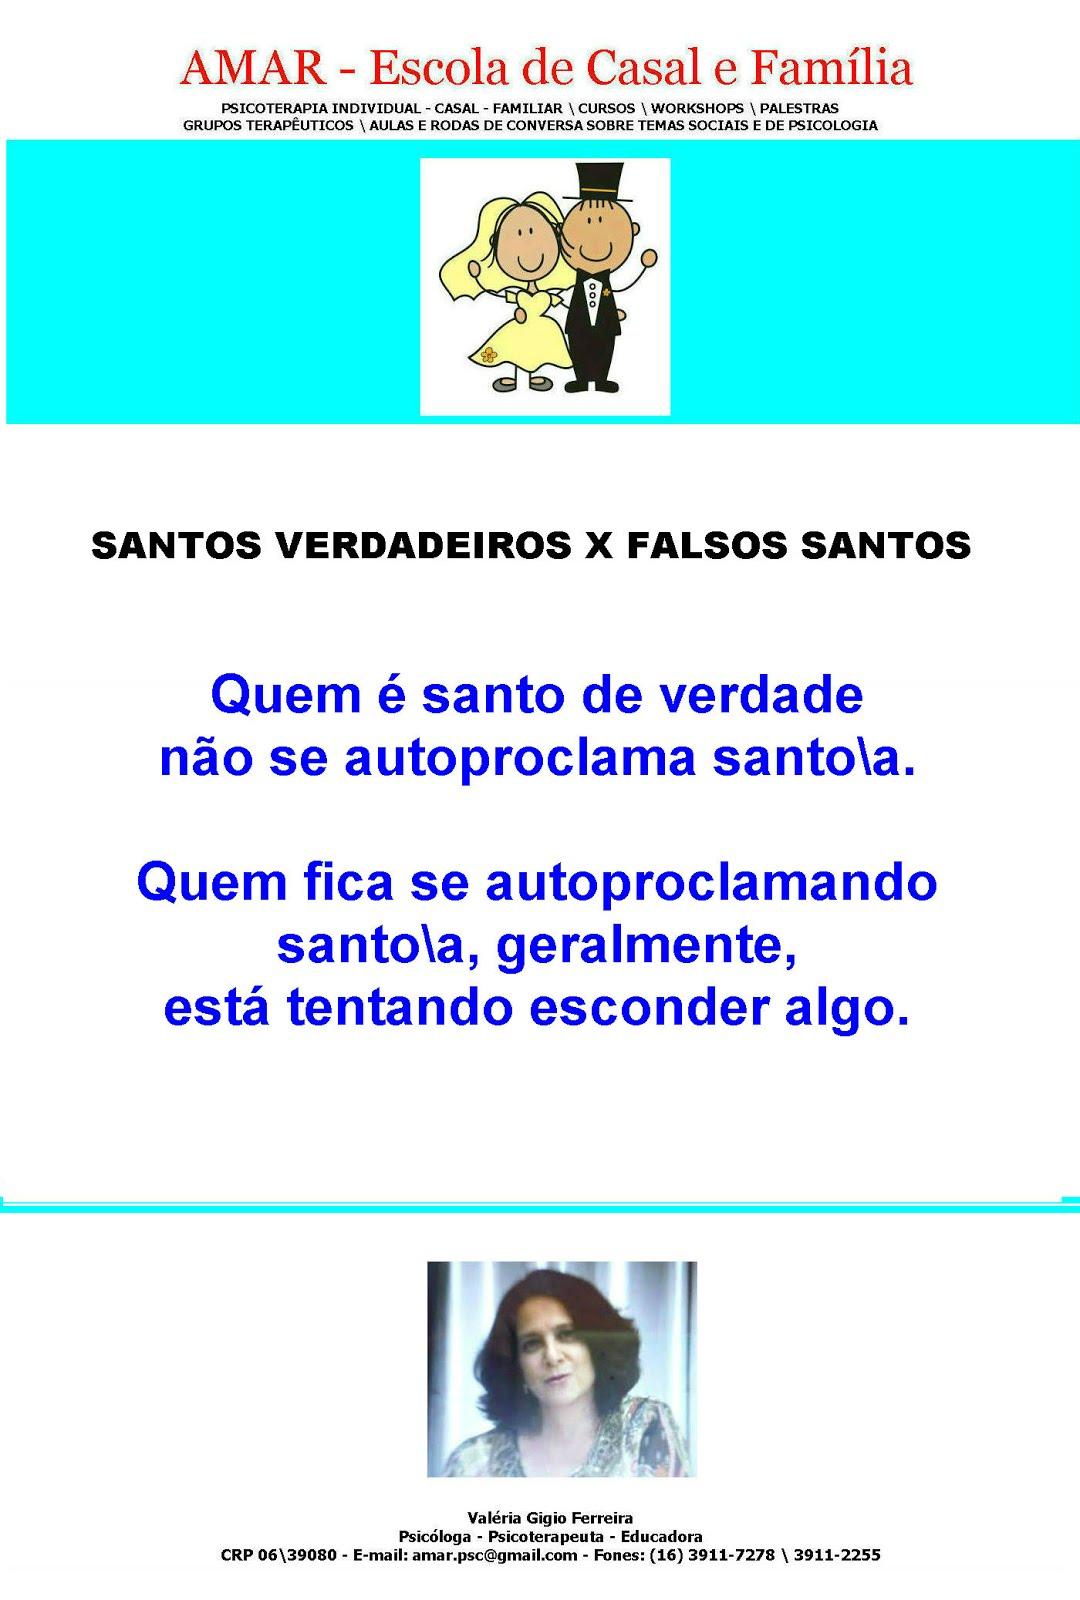 Santos verdadeiros e falsos santos...